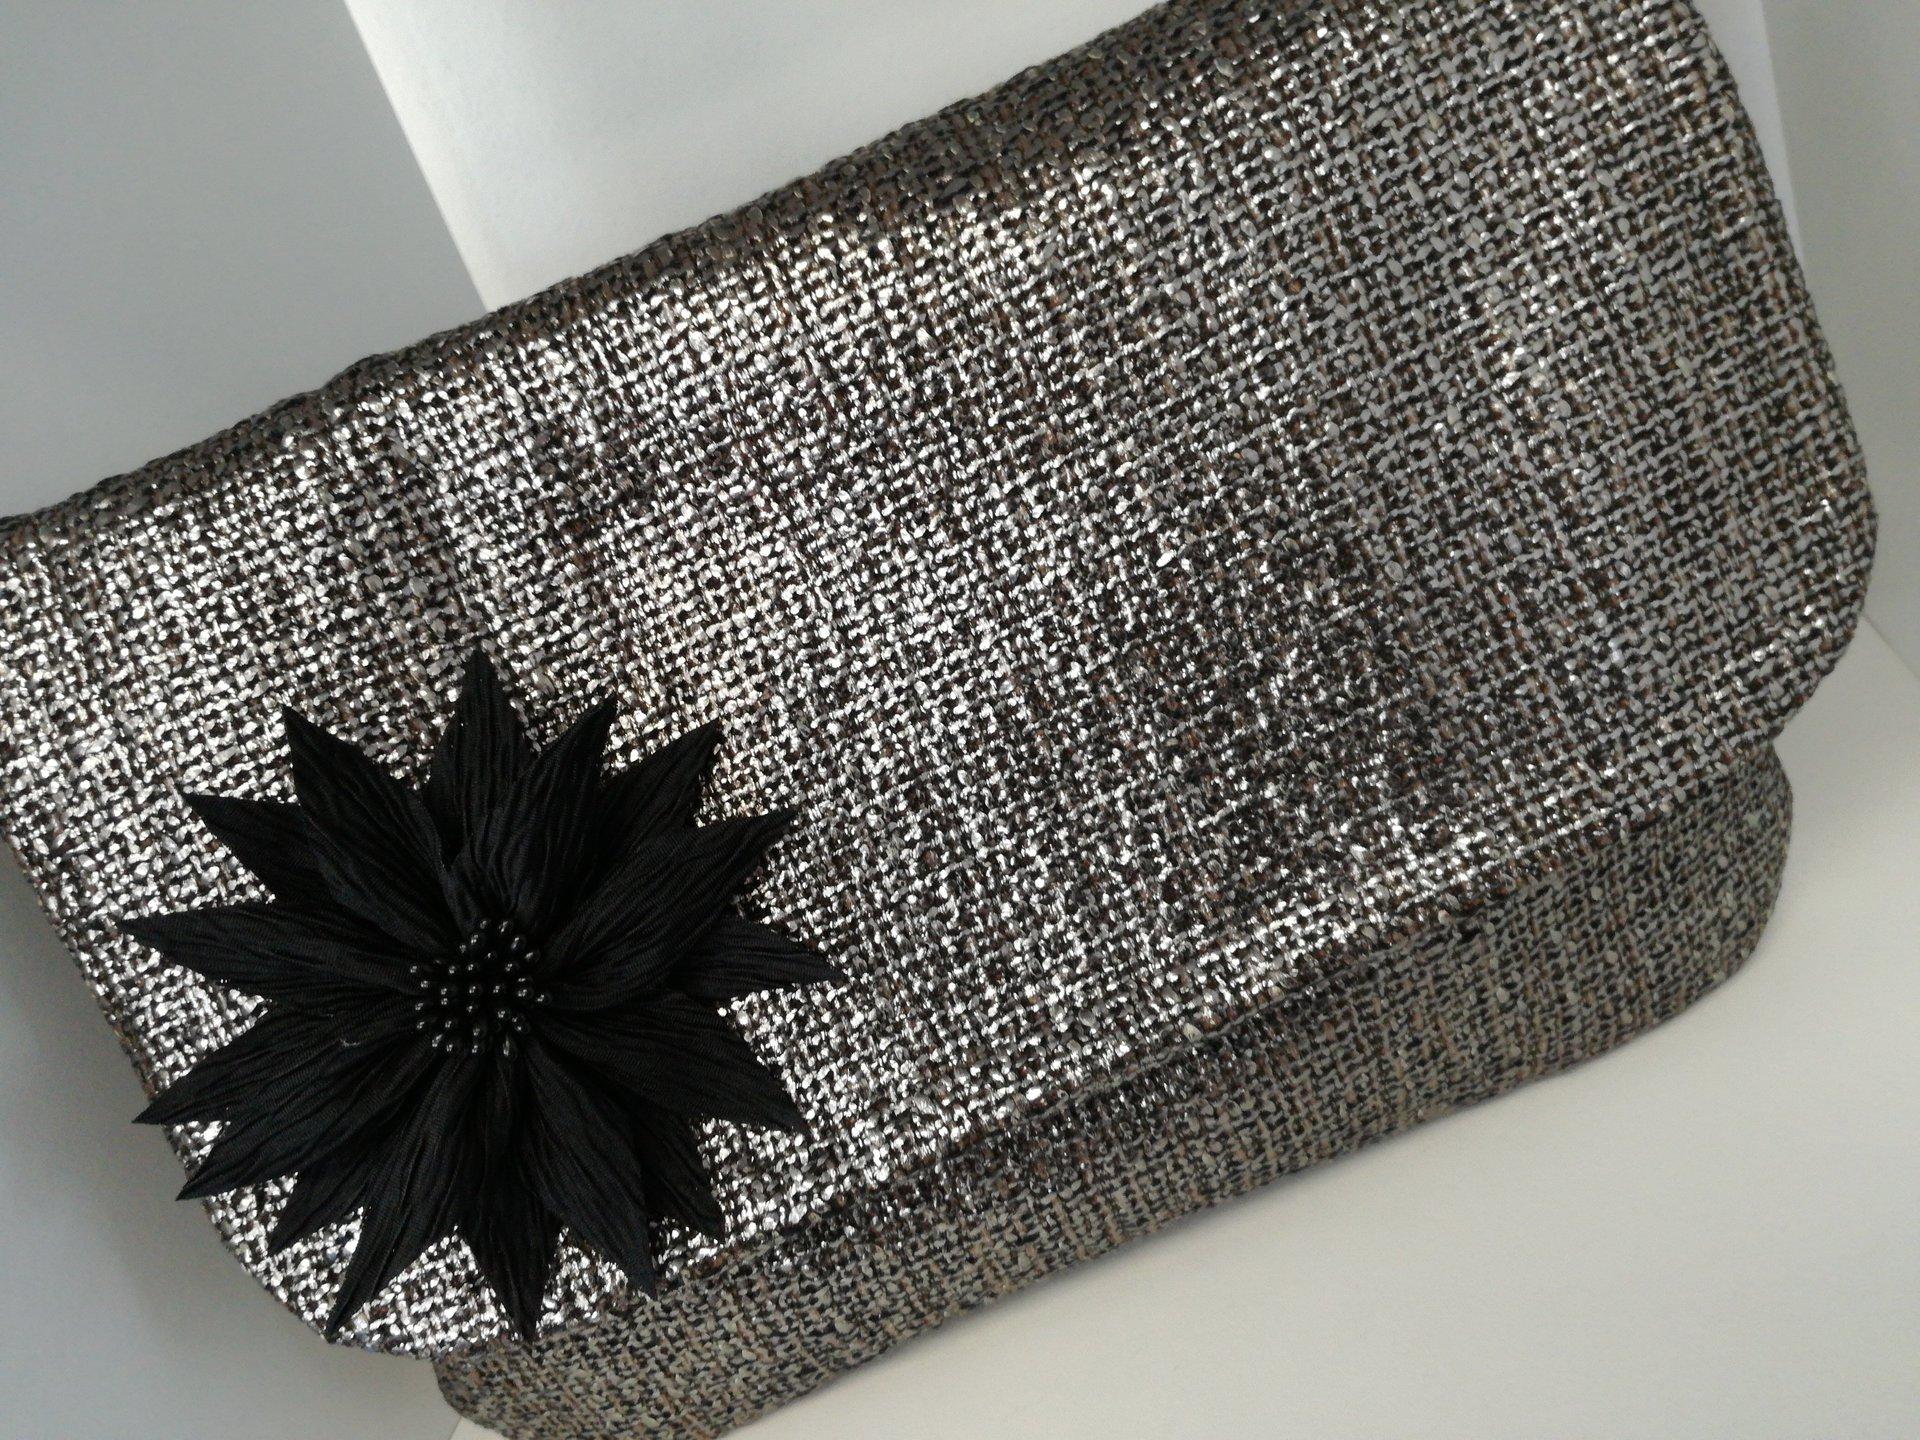 pochette argentata con fiore nero applicato